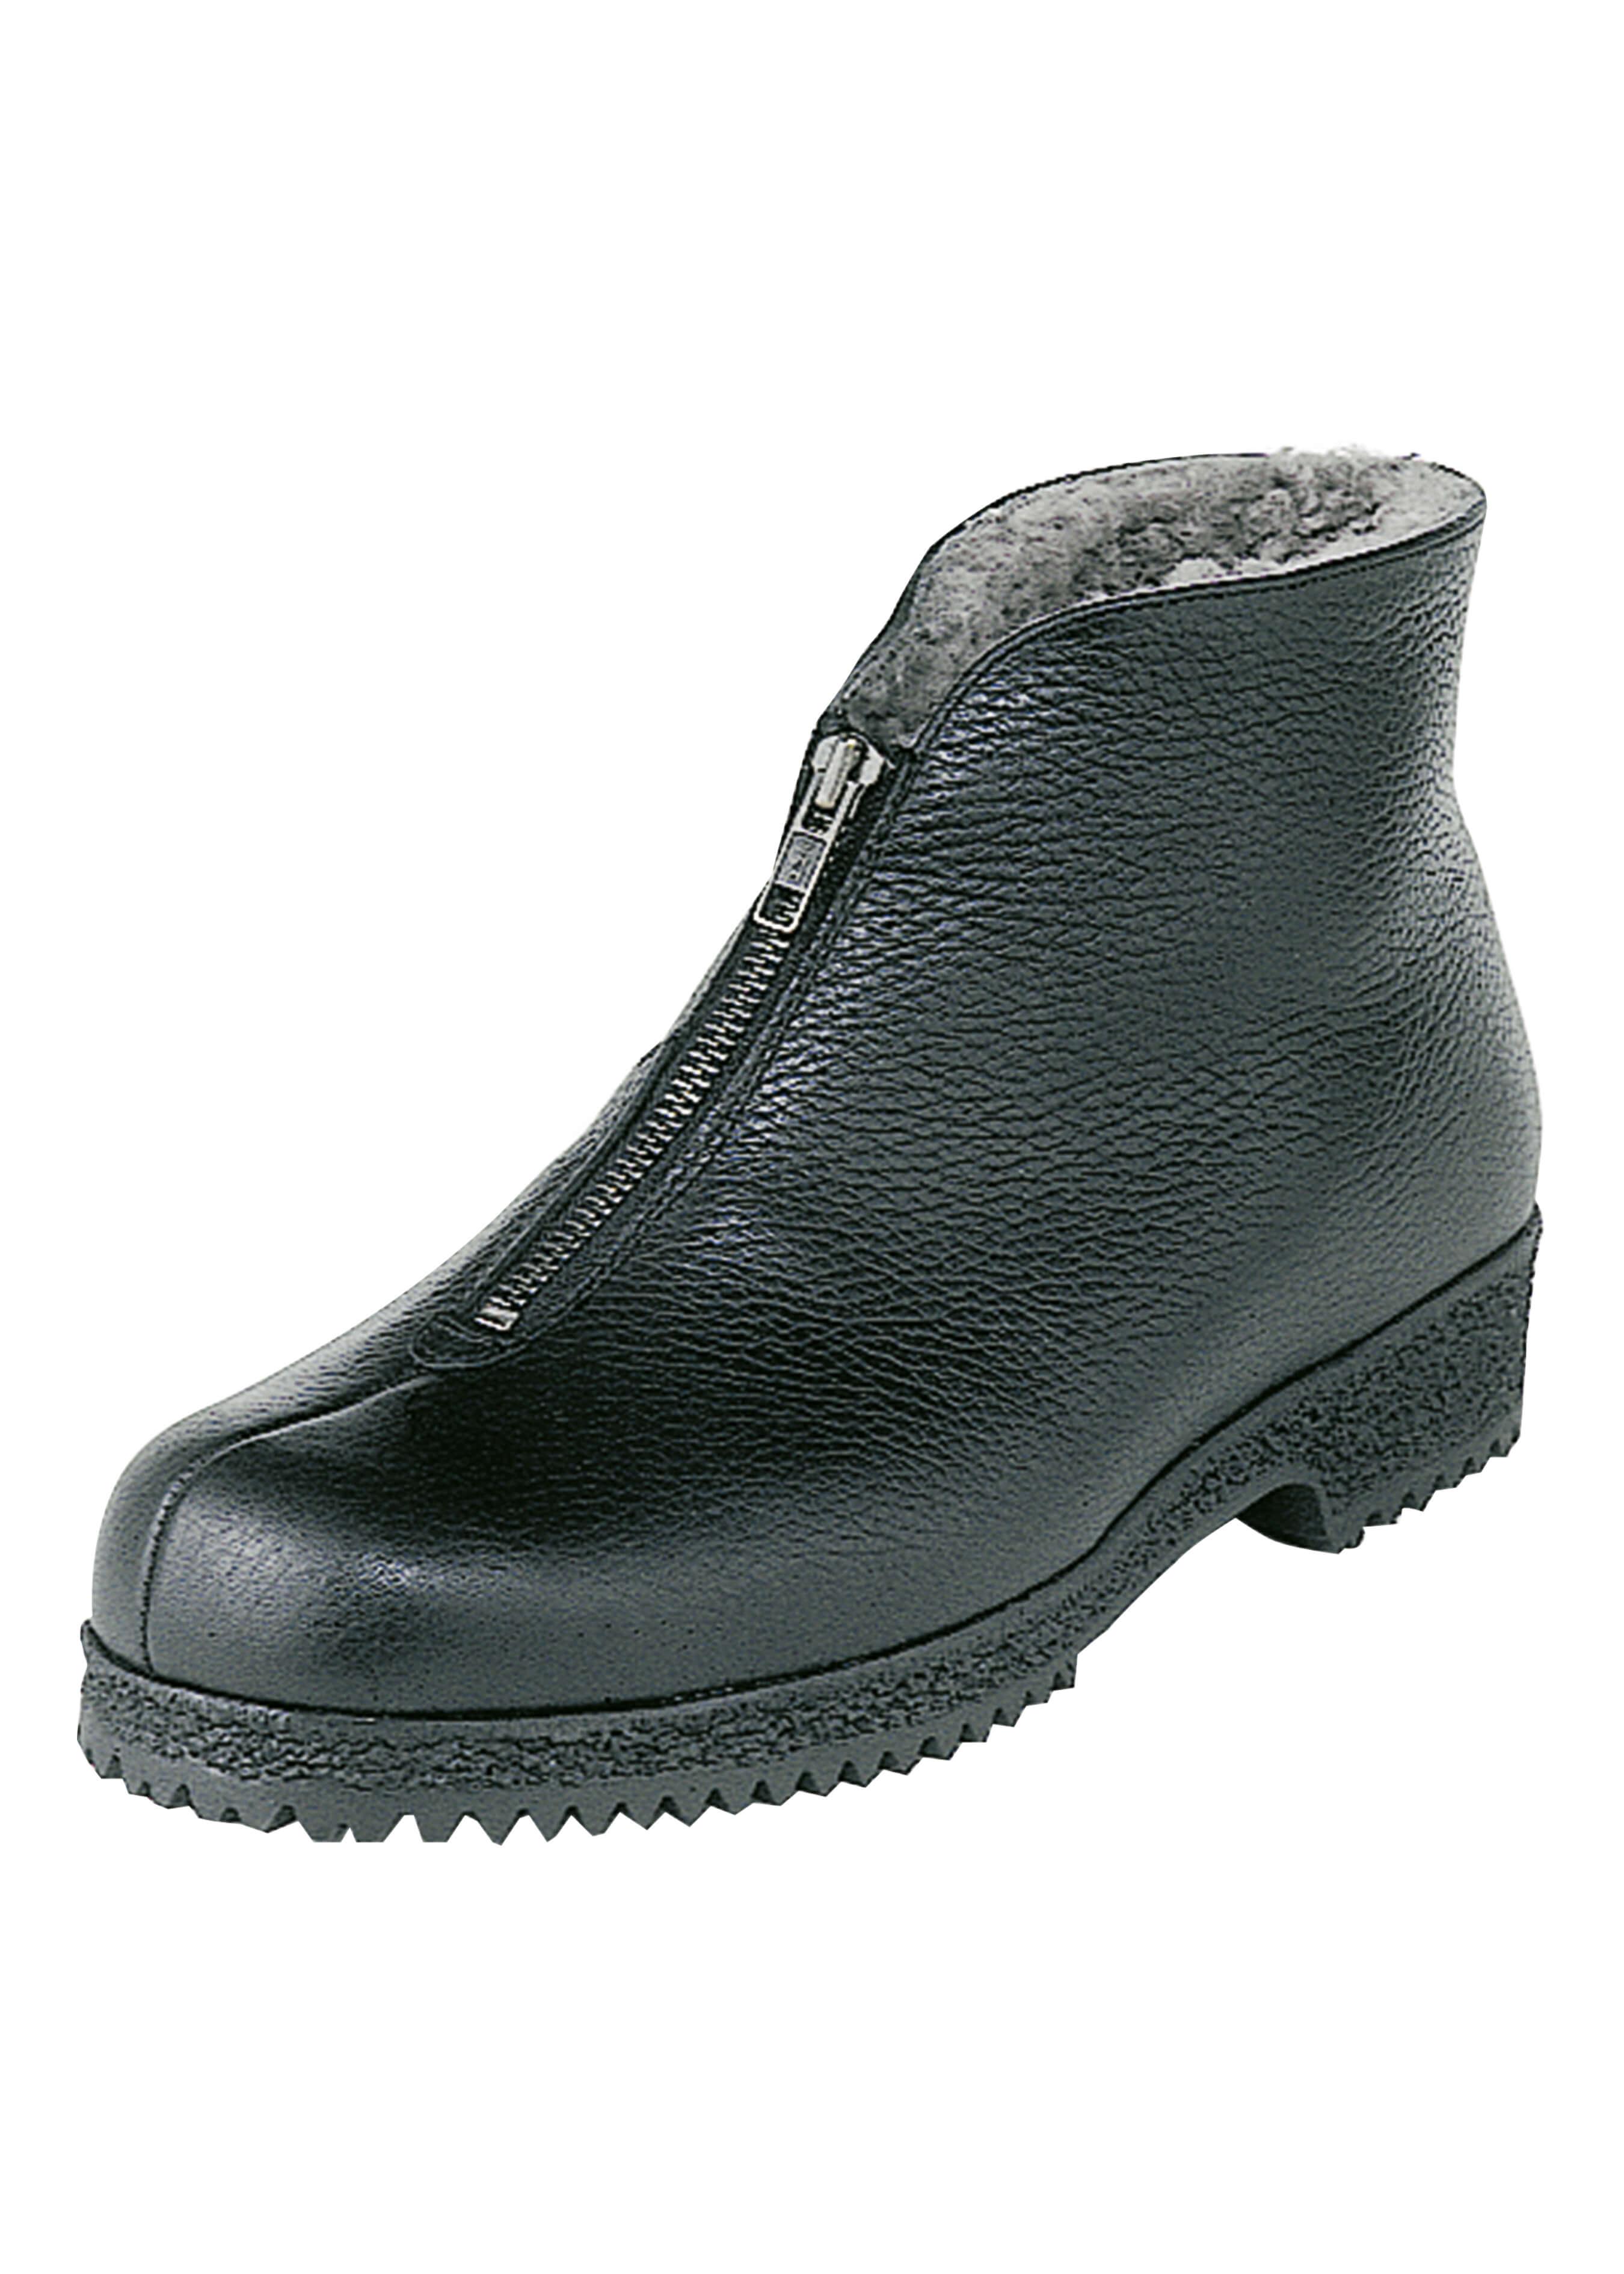 Chaussure après-ski L411239 1